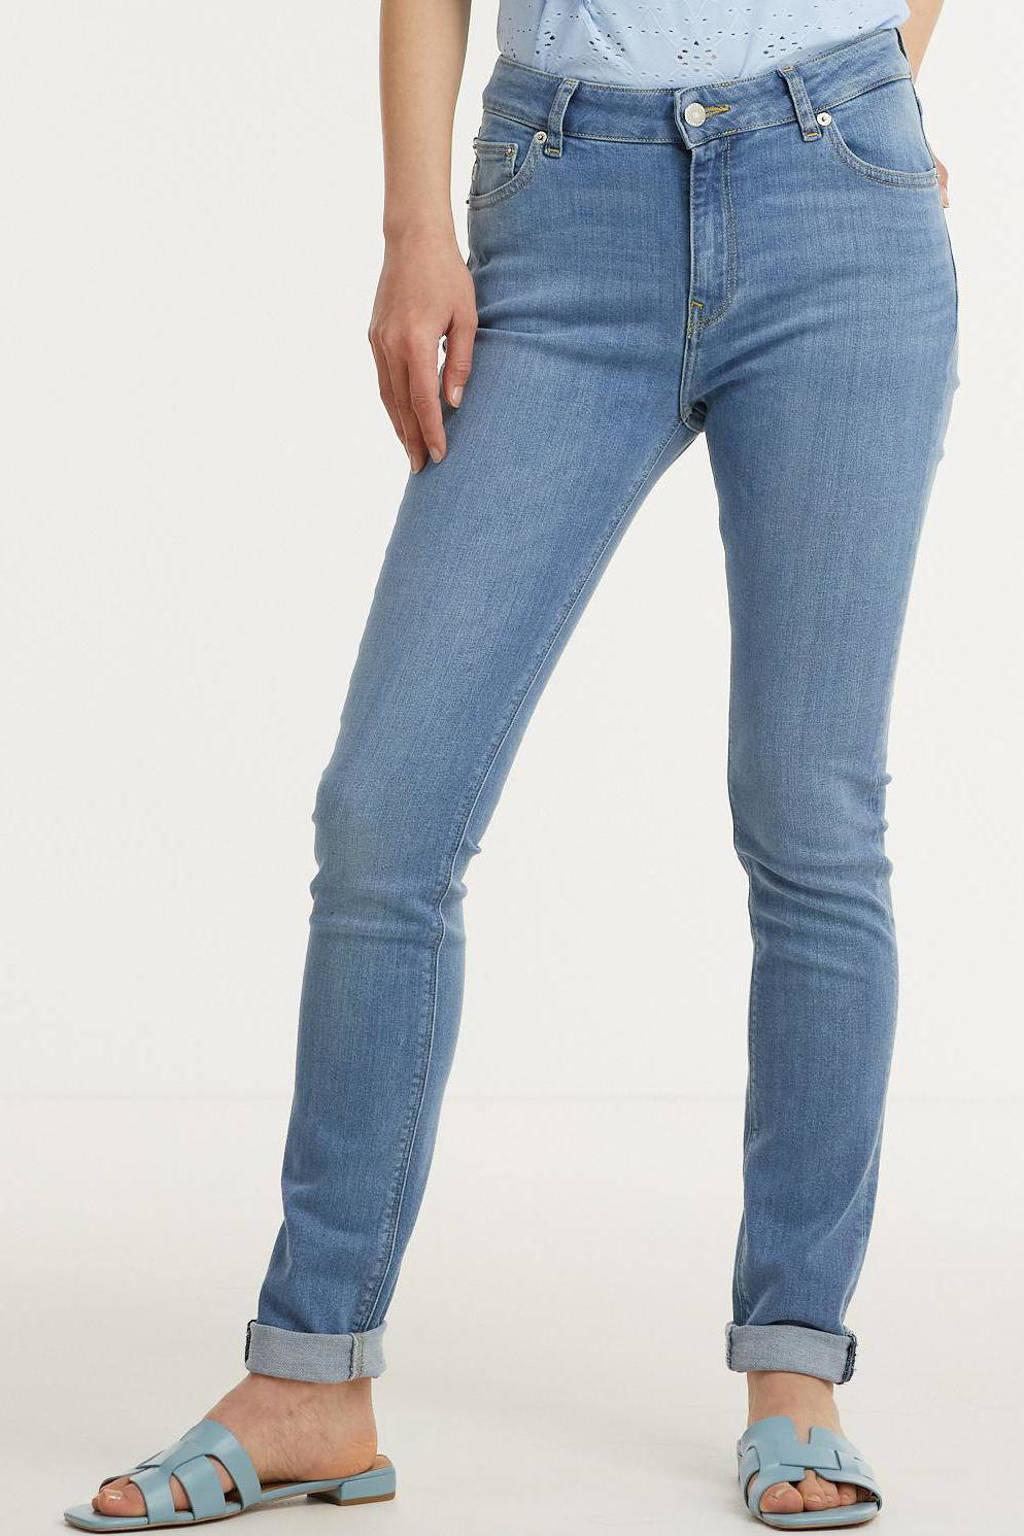 Mud Jeans high waist skinny jeans Skinny Hazen fan stone, Fan Stone